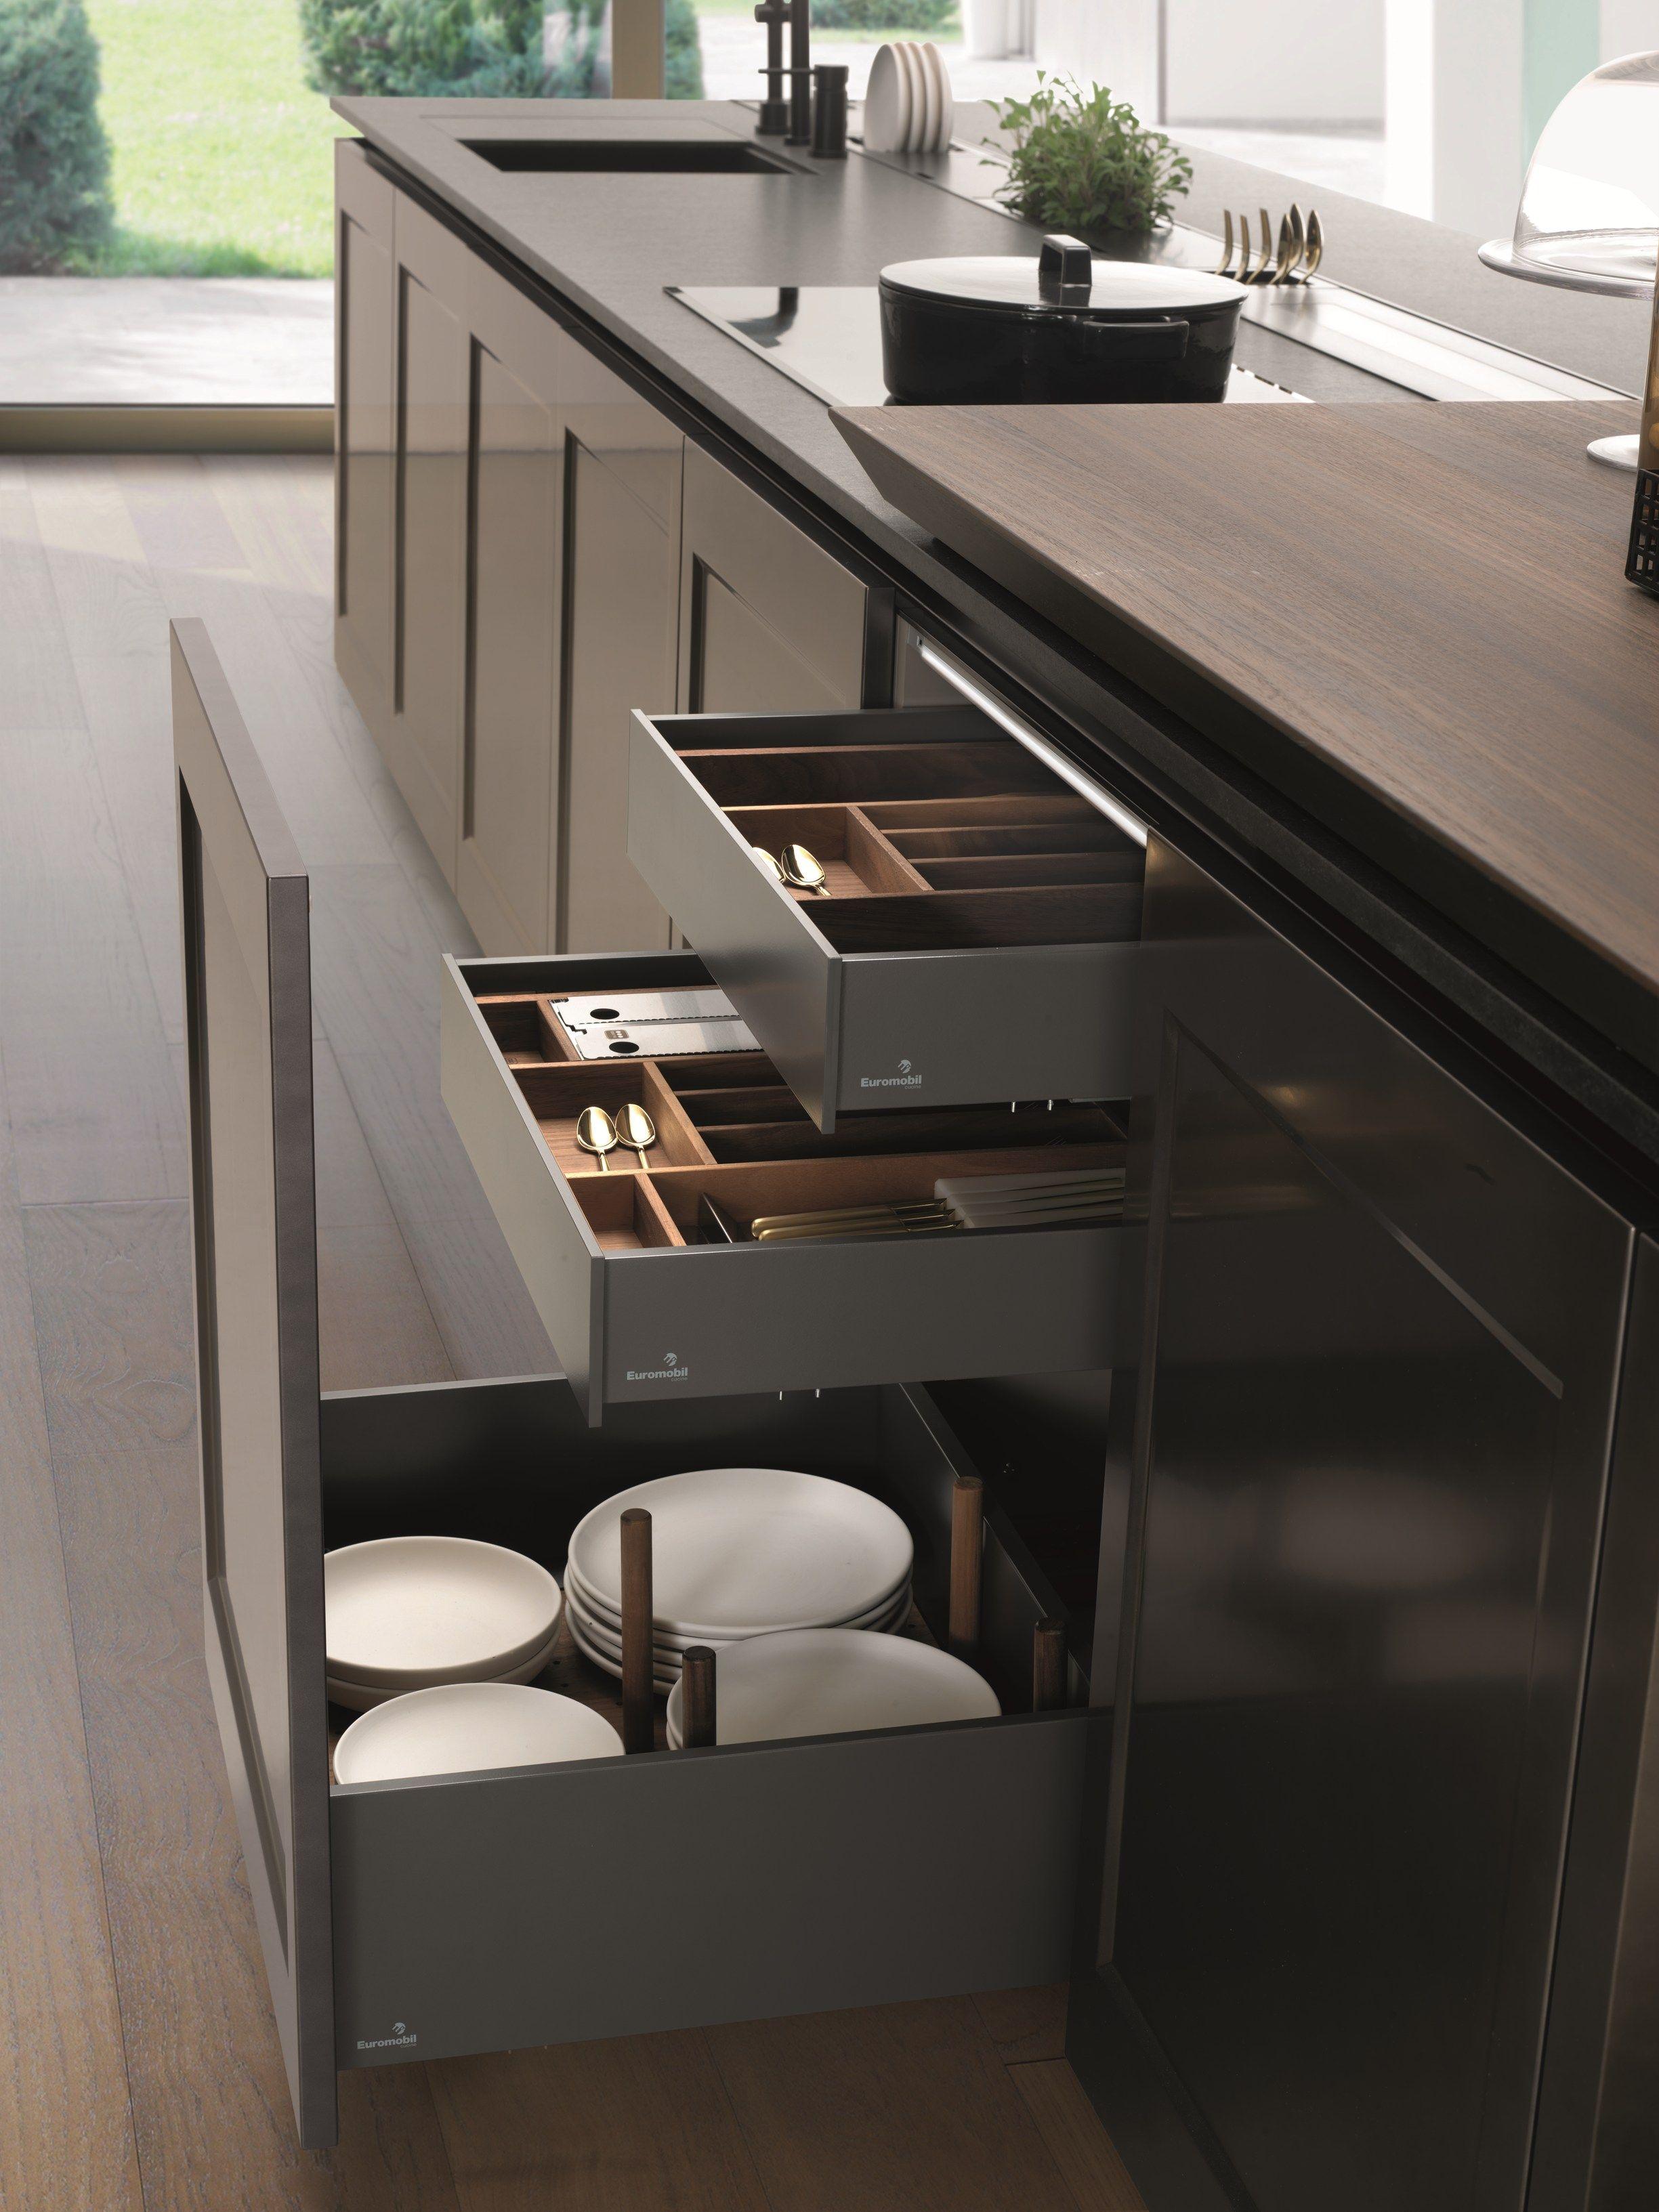 Cocina lacada con isla fil by euromobil dise o roberto - Cocinas diseno moderno ...